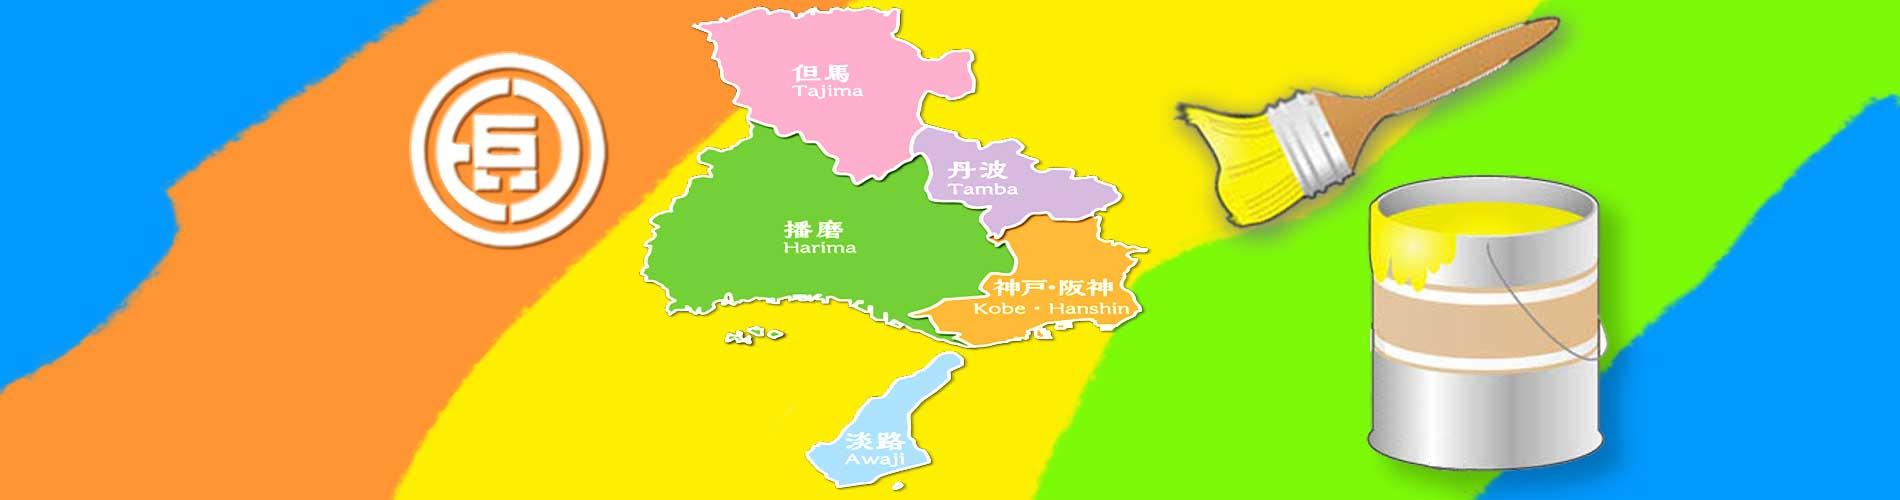 安心の兵庫県塗装工業協同組合